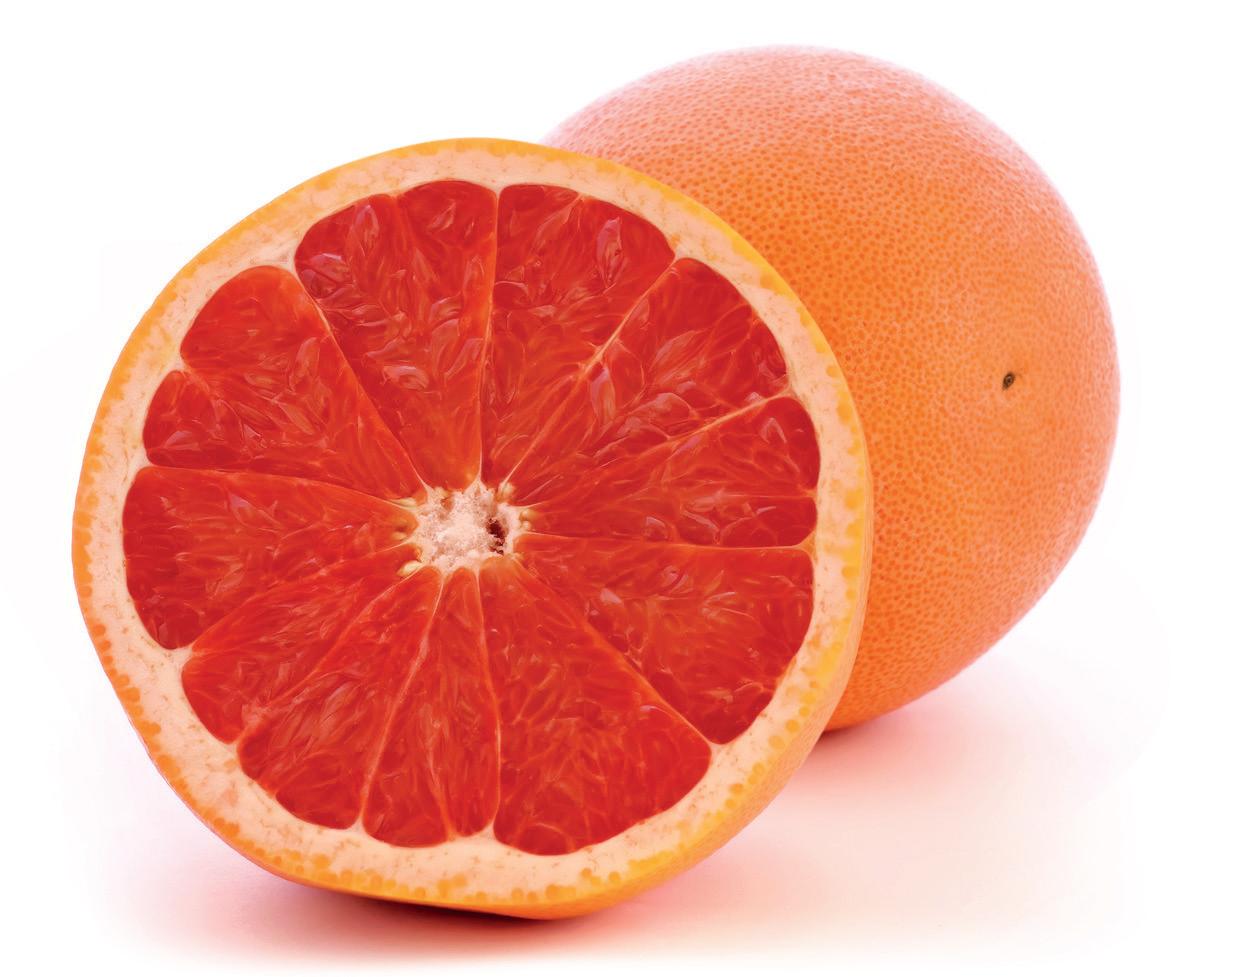 Grapefruit Cu Argint Coloidal Fara Alcool Spray 20ml de la DACIA PLANT